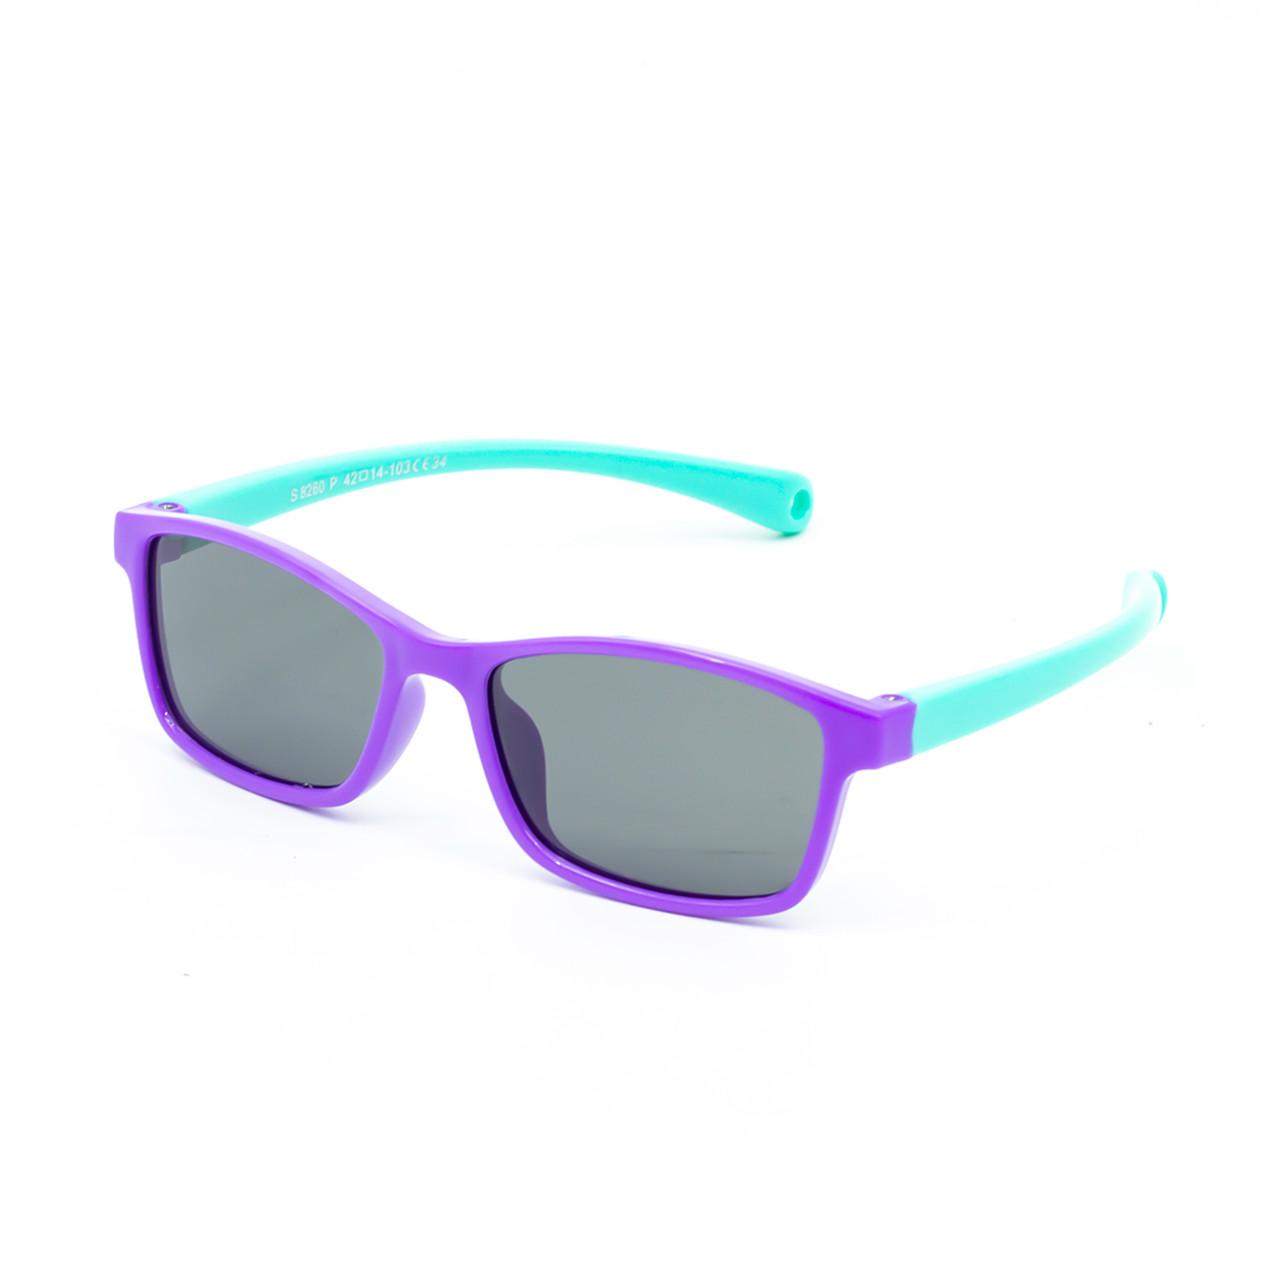 Солнцезащитные очки Marmilen S8260P C34 сиреневые с мятой     ( KAS8260P-34 )